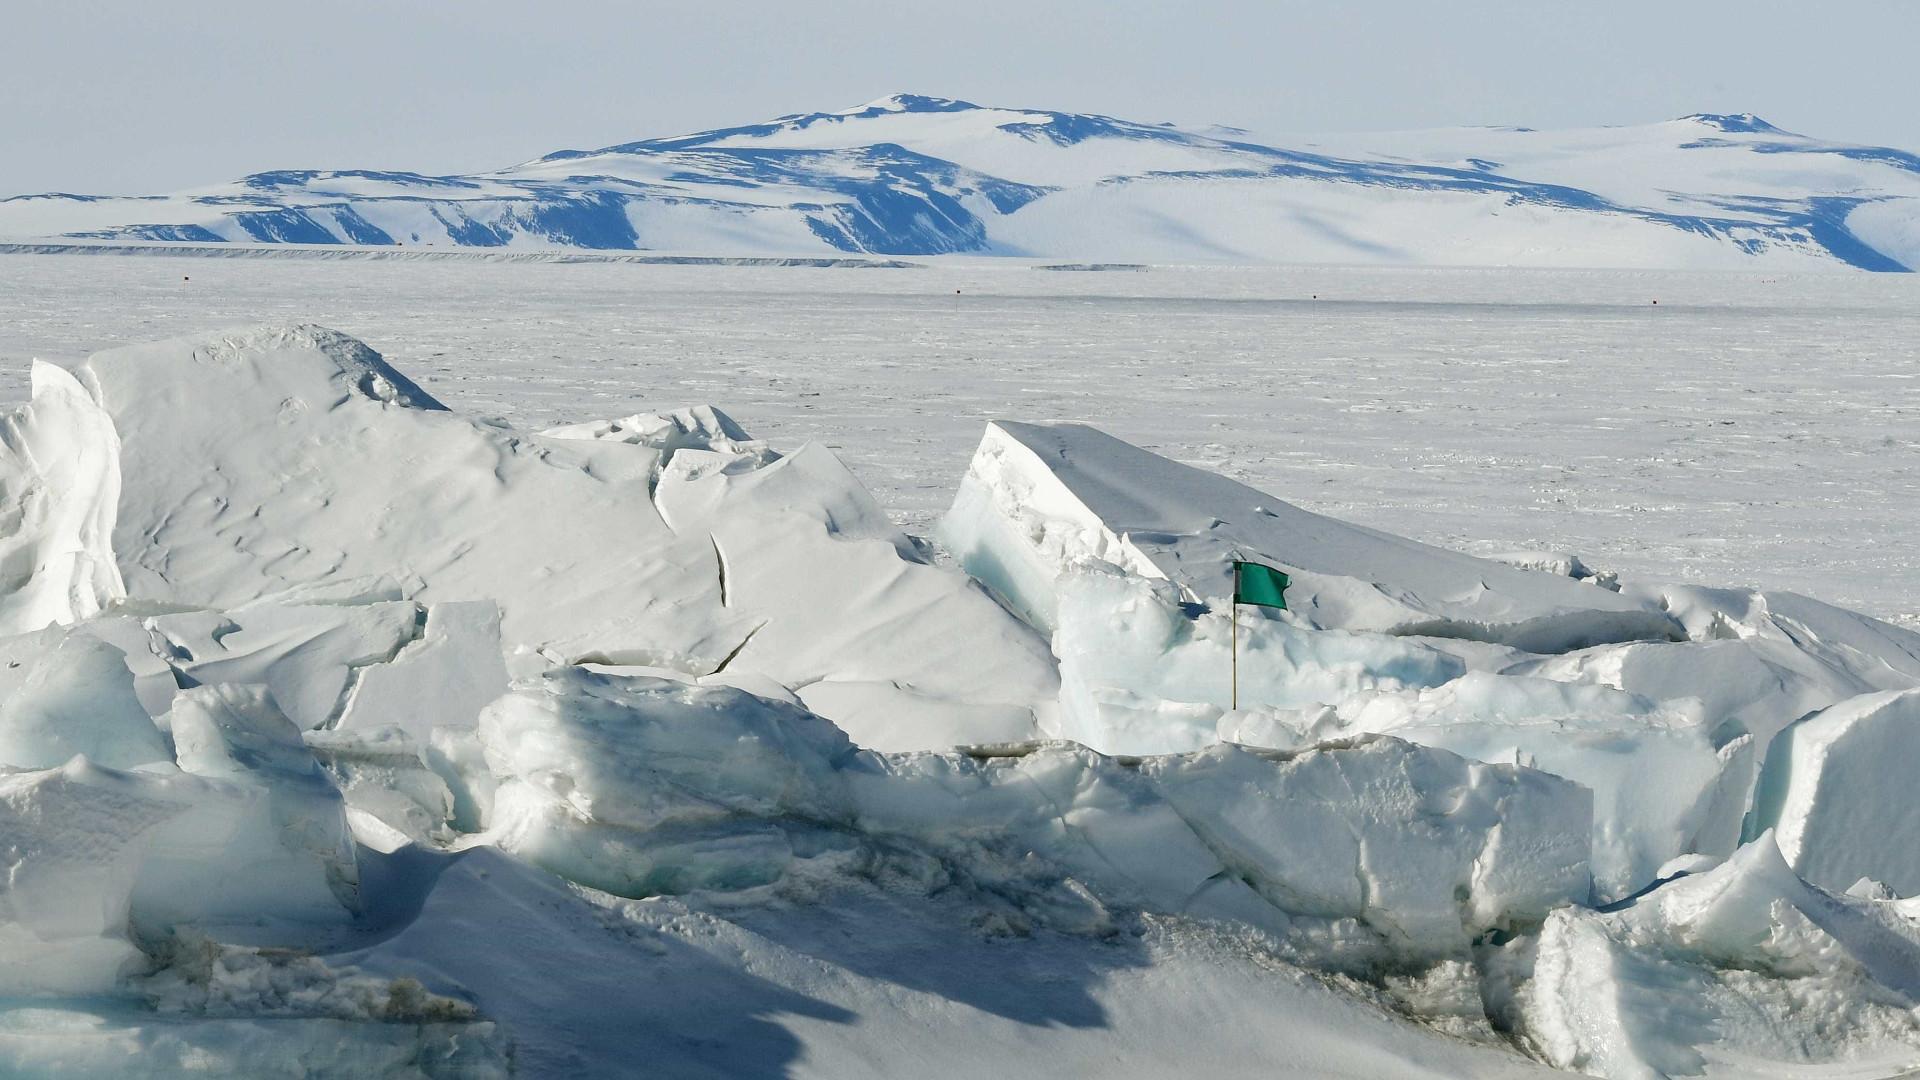 Até 2100, cerca de 153 milhões de pessoas podem se afogar na Antártica